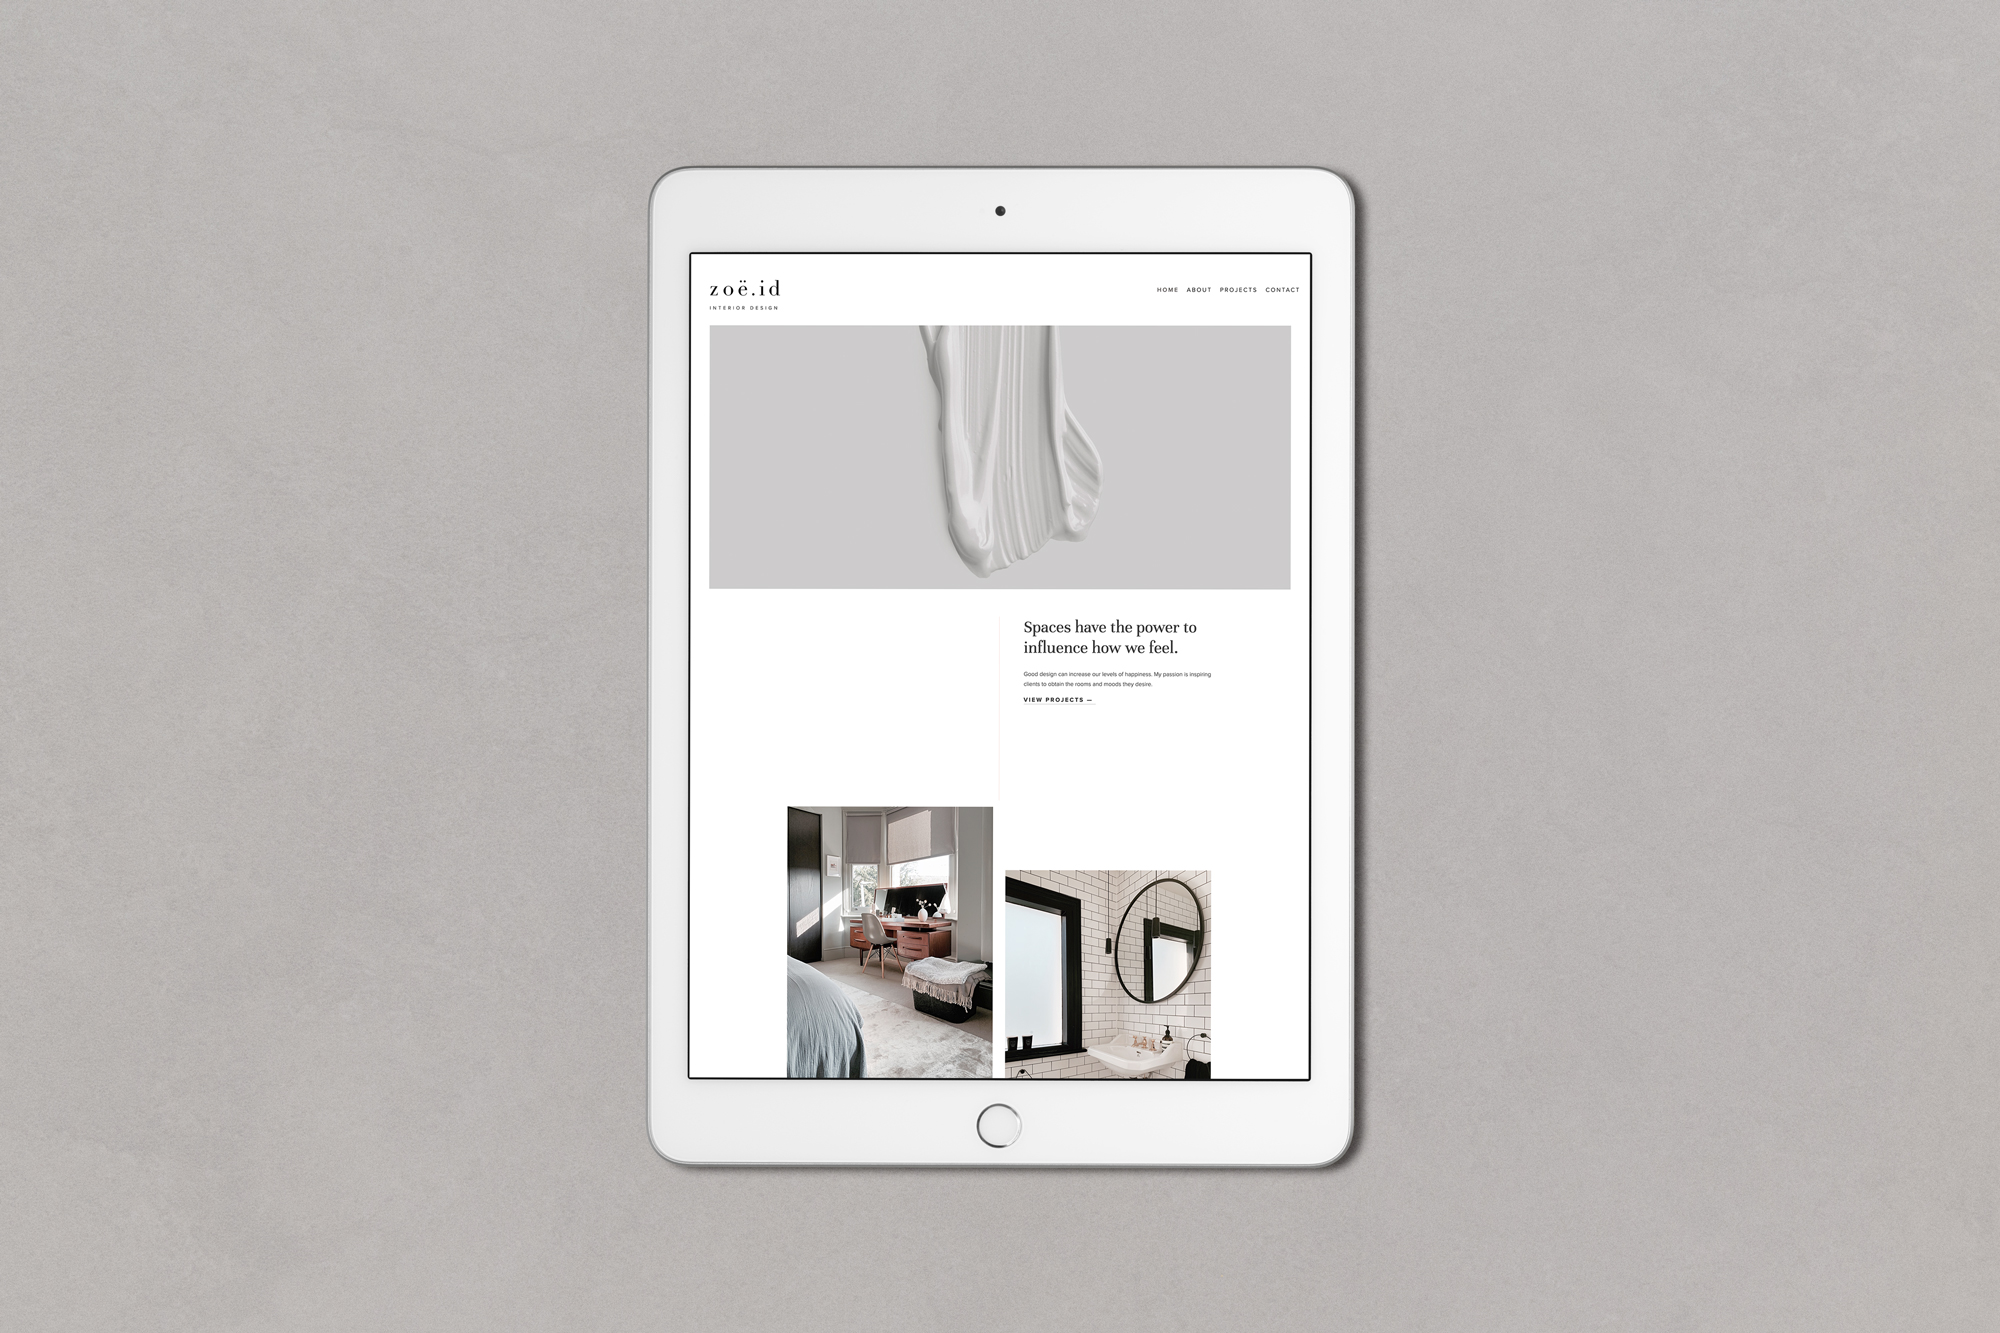 Ida-iPad-Scene-Creator-v2.jpg